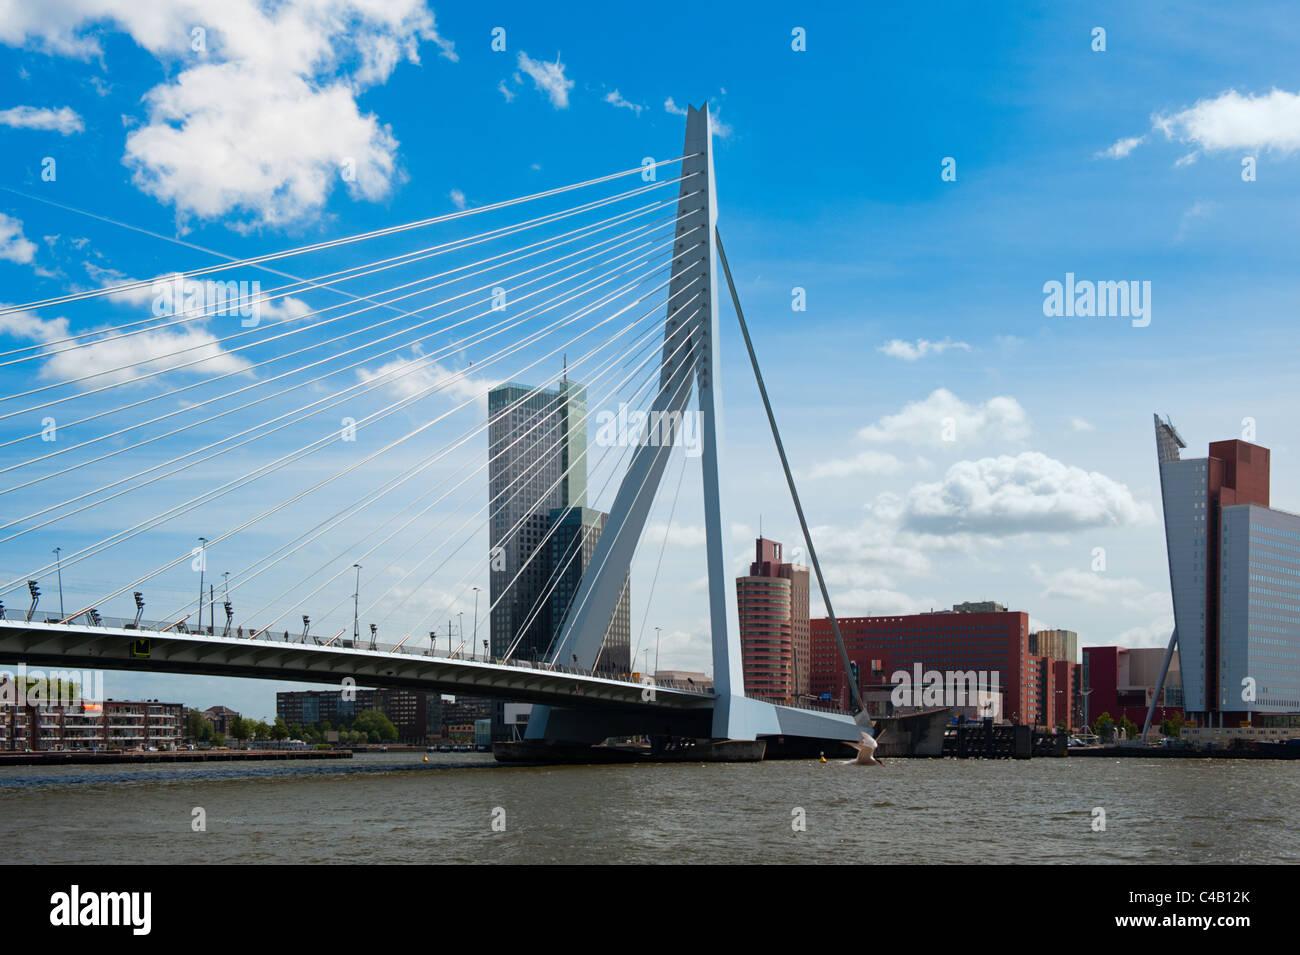 El puente Erasmus en Rotterdam, los Países Bajos, Europa Imagen De Stock